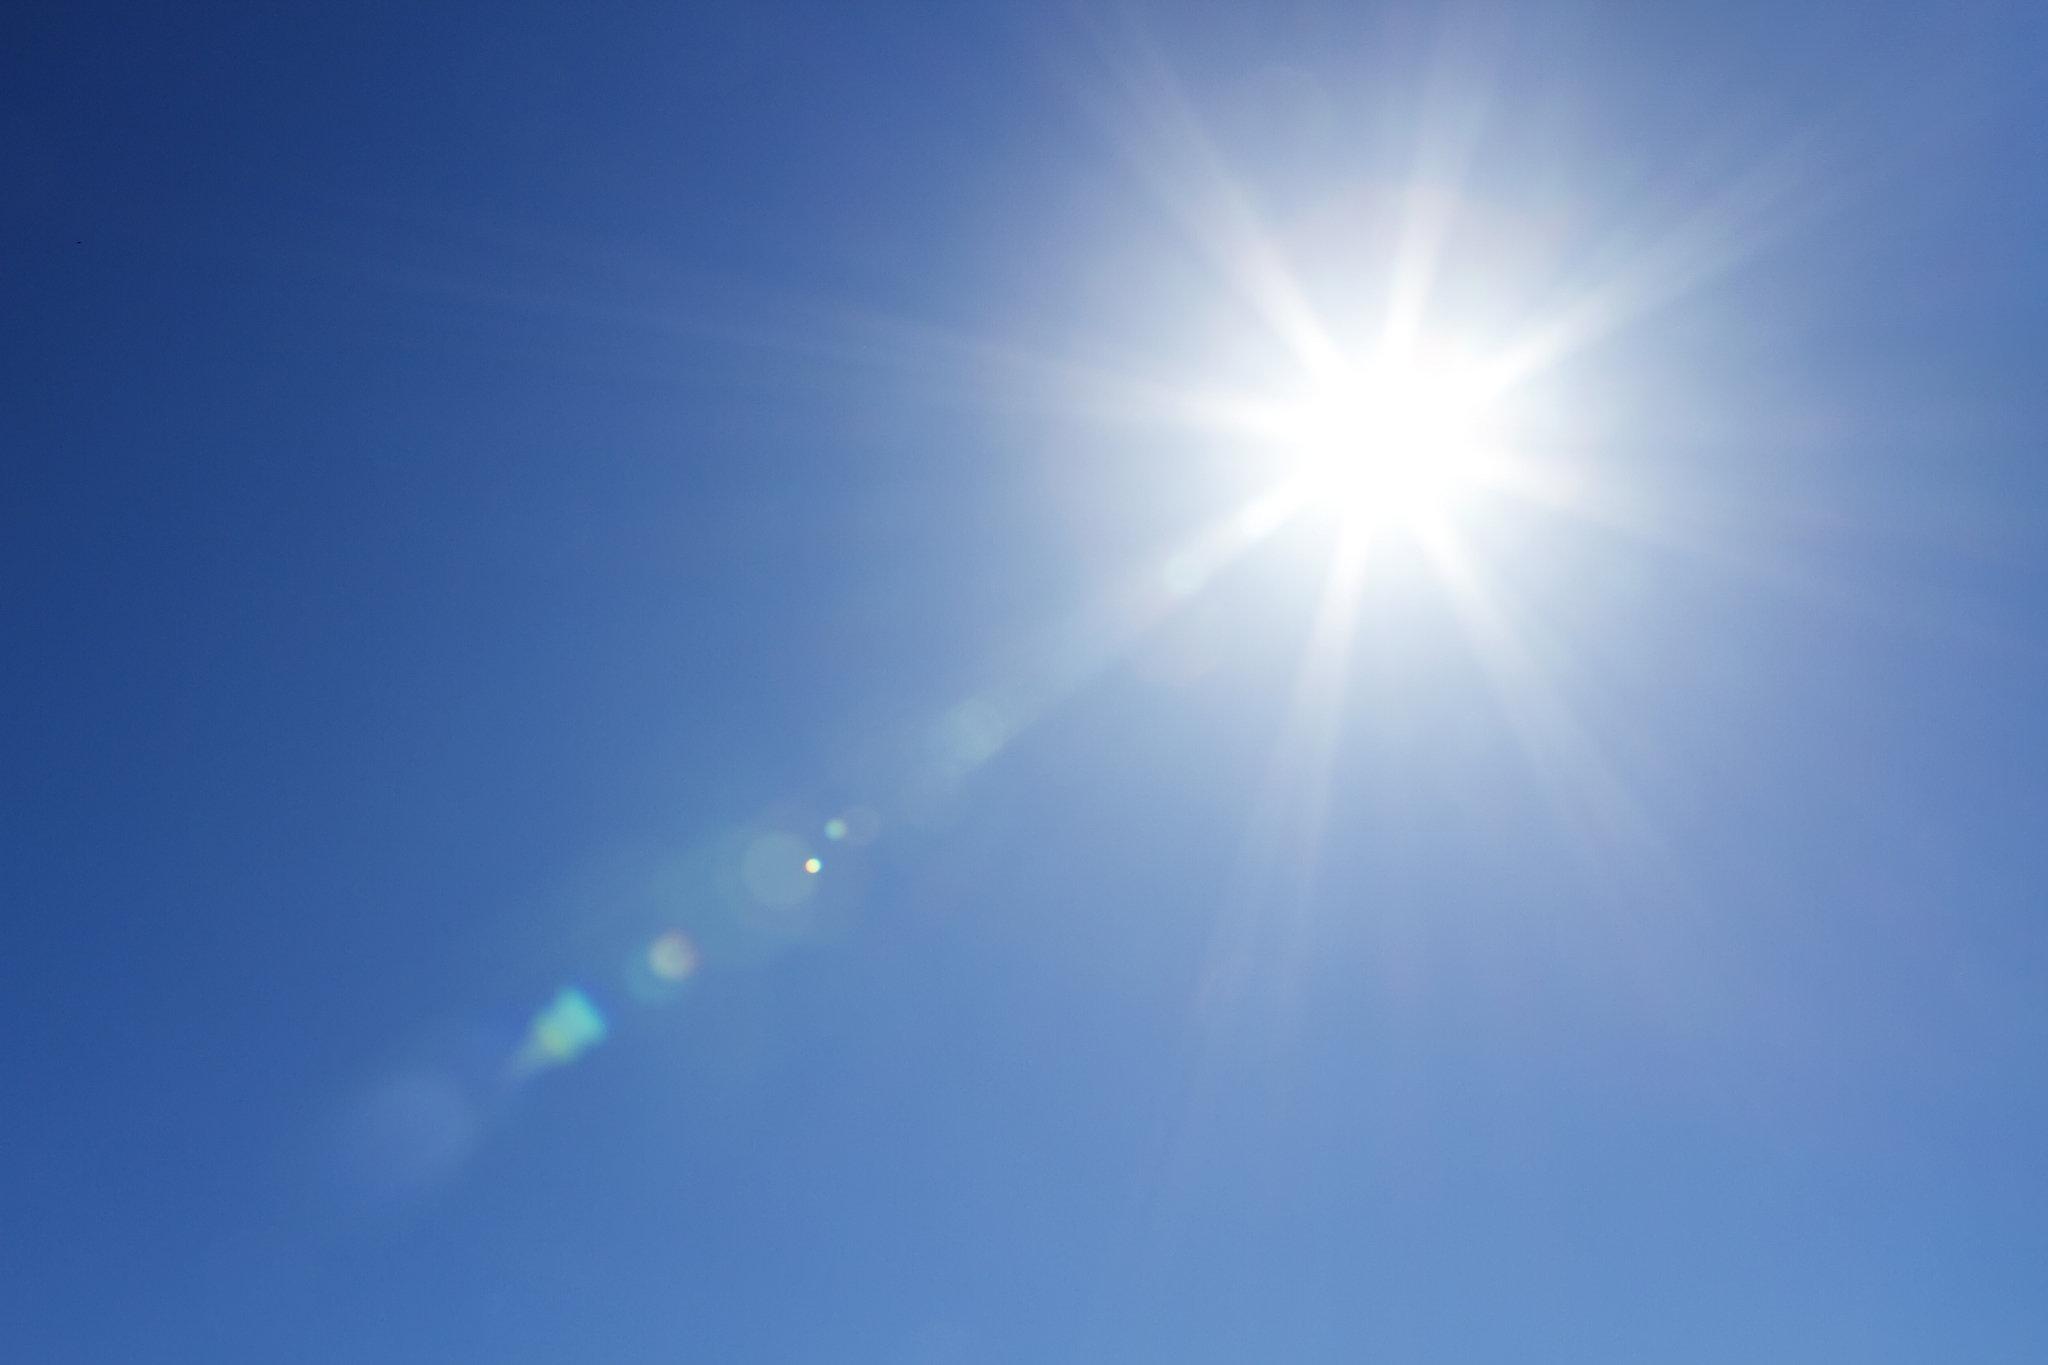 پیش بینی وضعیت آب و هوای قزوین + فیلم